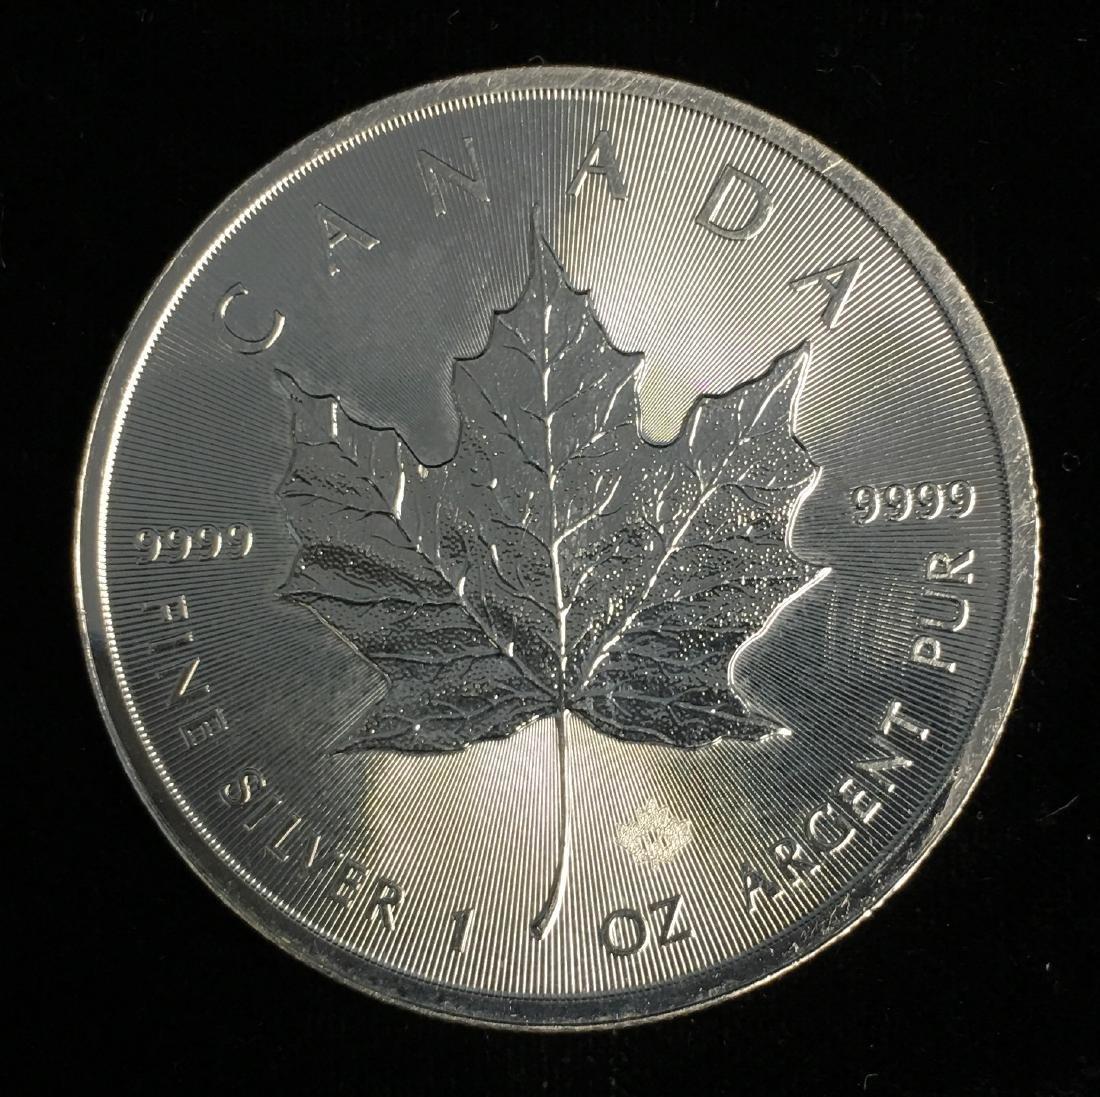 2016 $5 Canada Maple Leaf 1oz. Fine Silver GEM BU Very